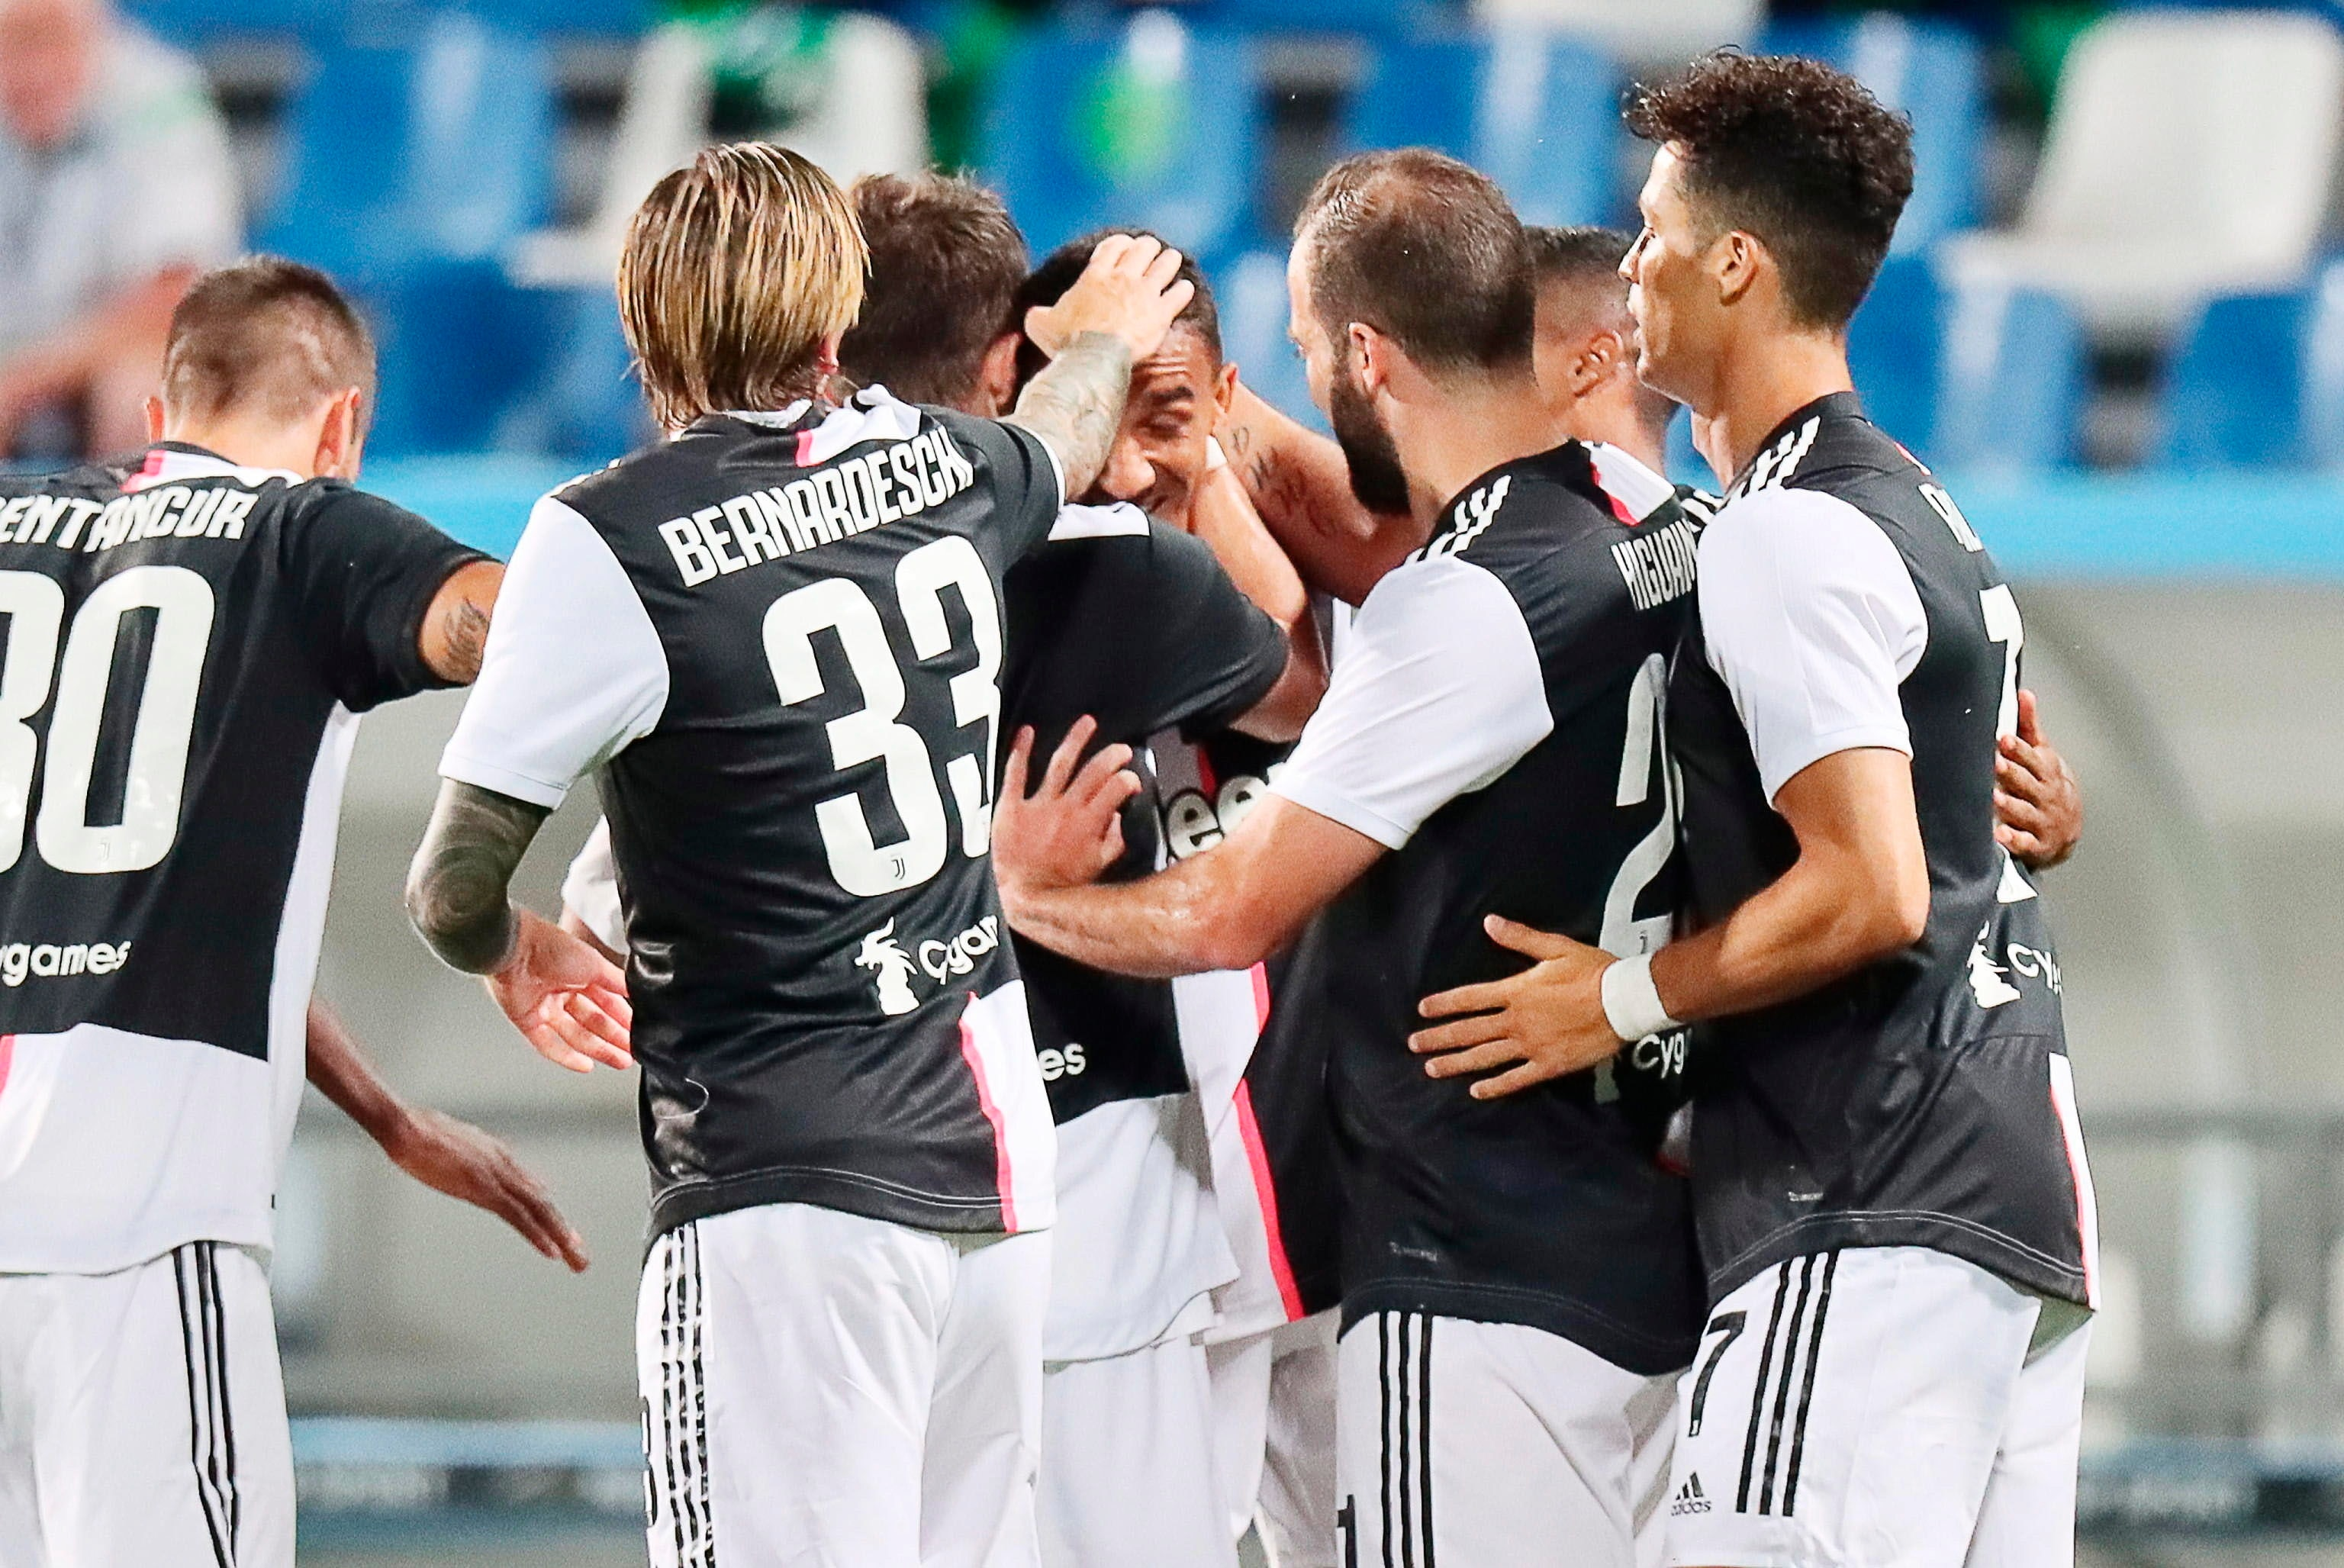 El Juventus roza el título pese a nuevo tropiezo; el Lazio ya no sabe ganar - Infobae